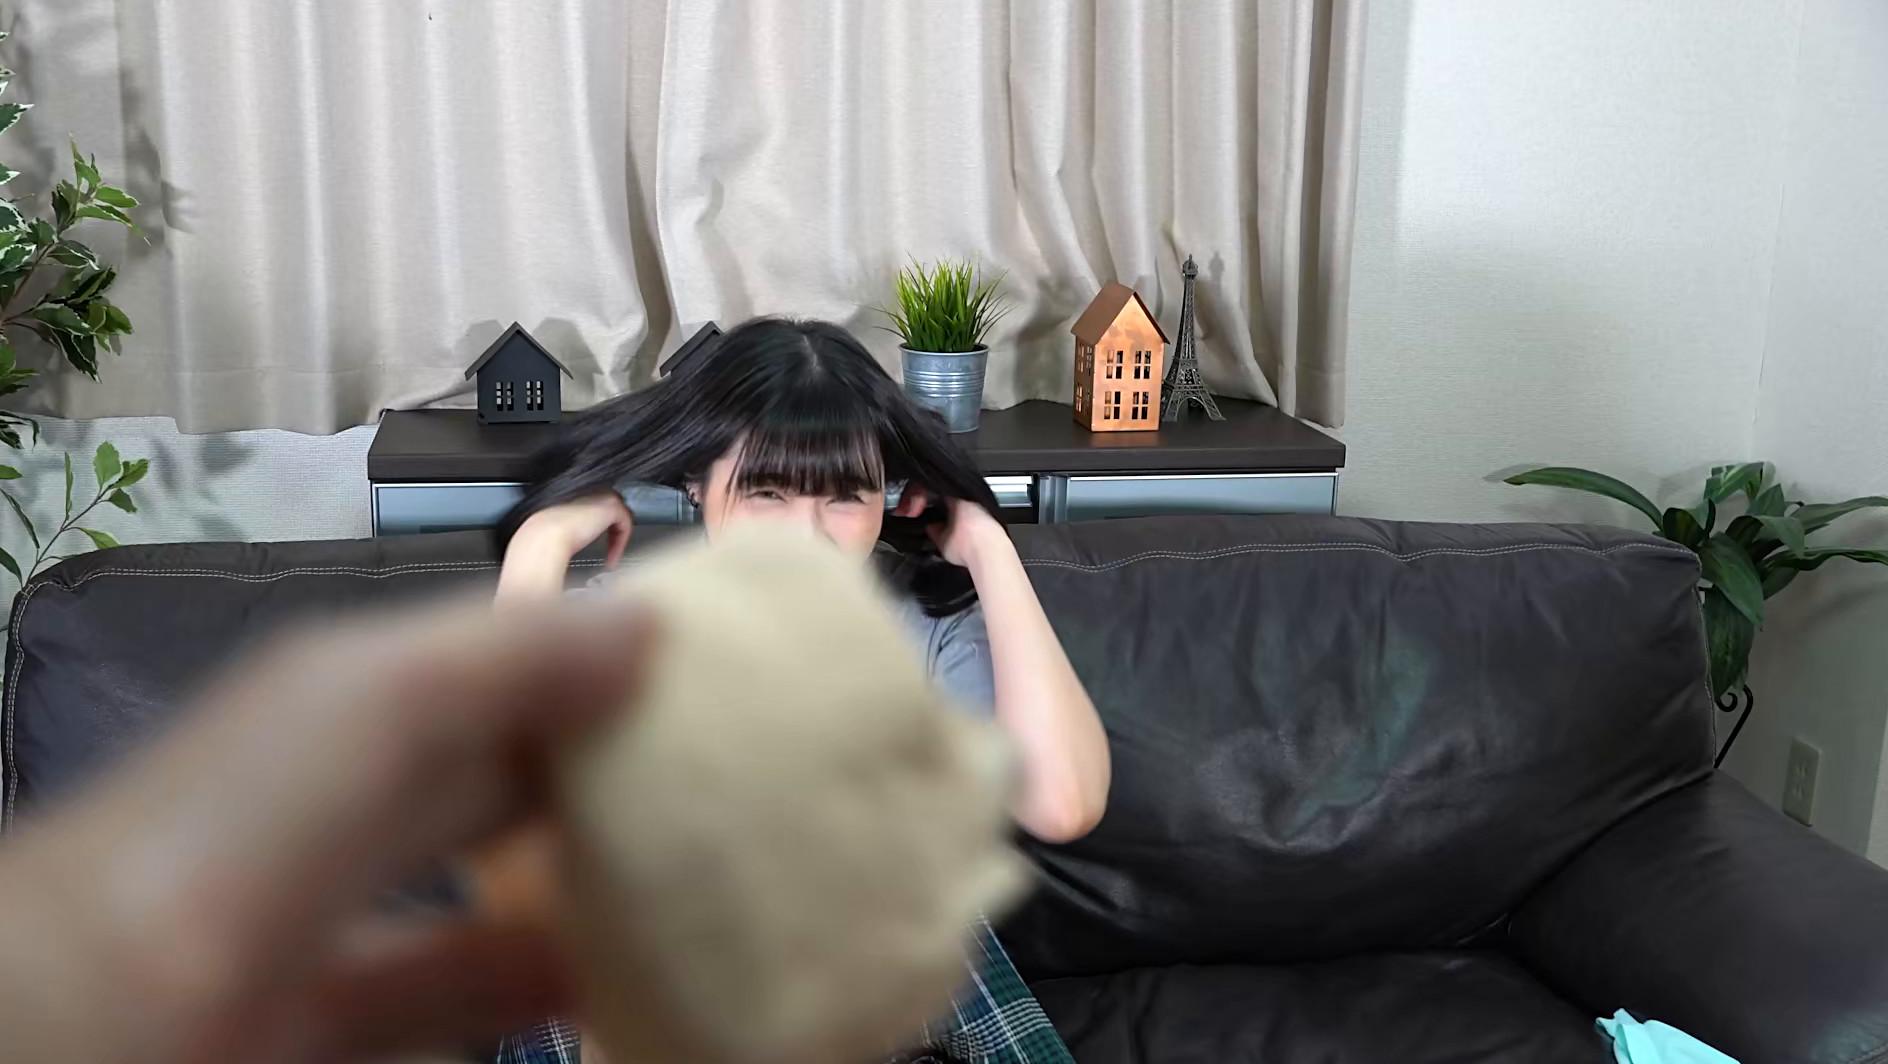 アナルを見せるのはイイけど、オ●ンコは・・・嫌だから前貼りを自分で貼ってお尻の穴を見せてあげる 衣織 画像8